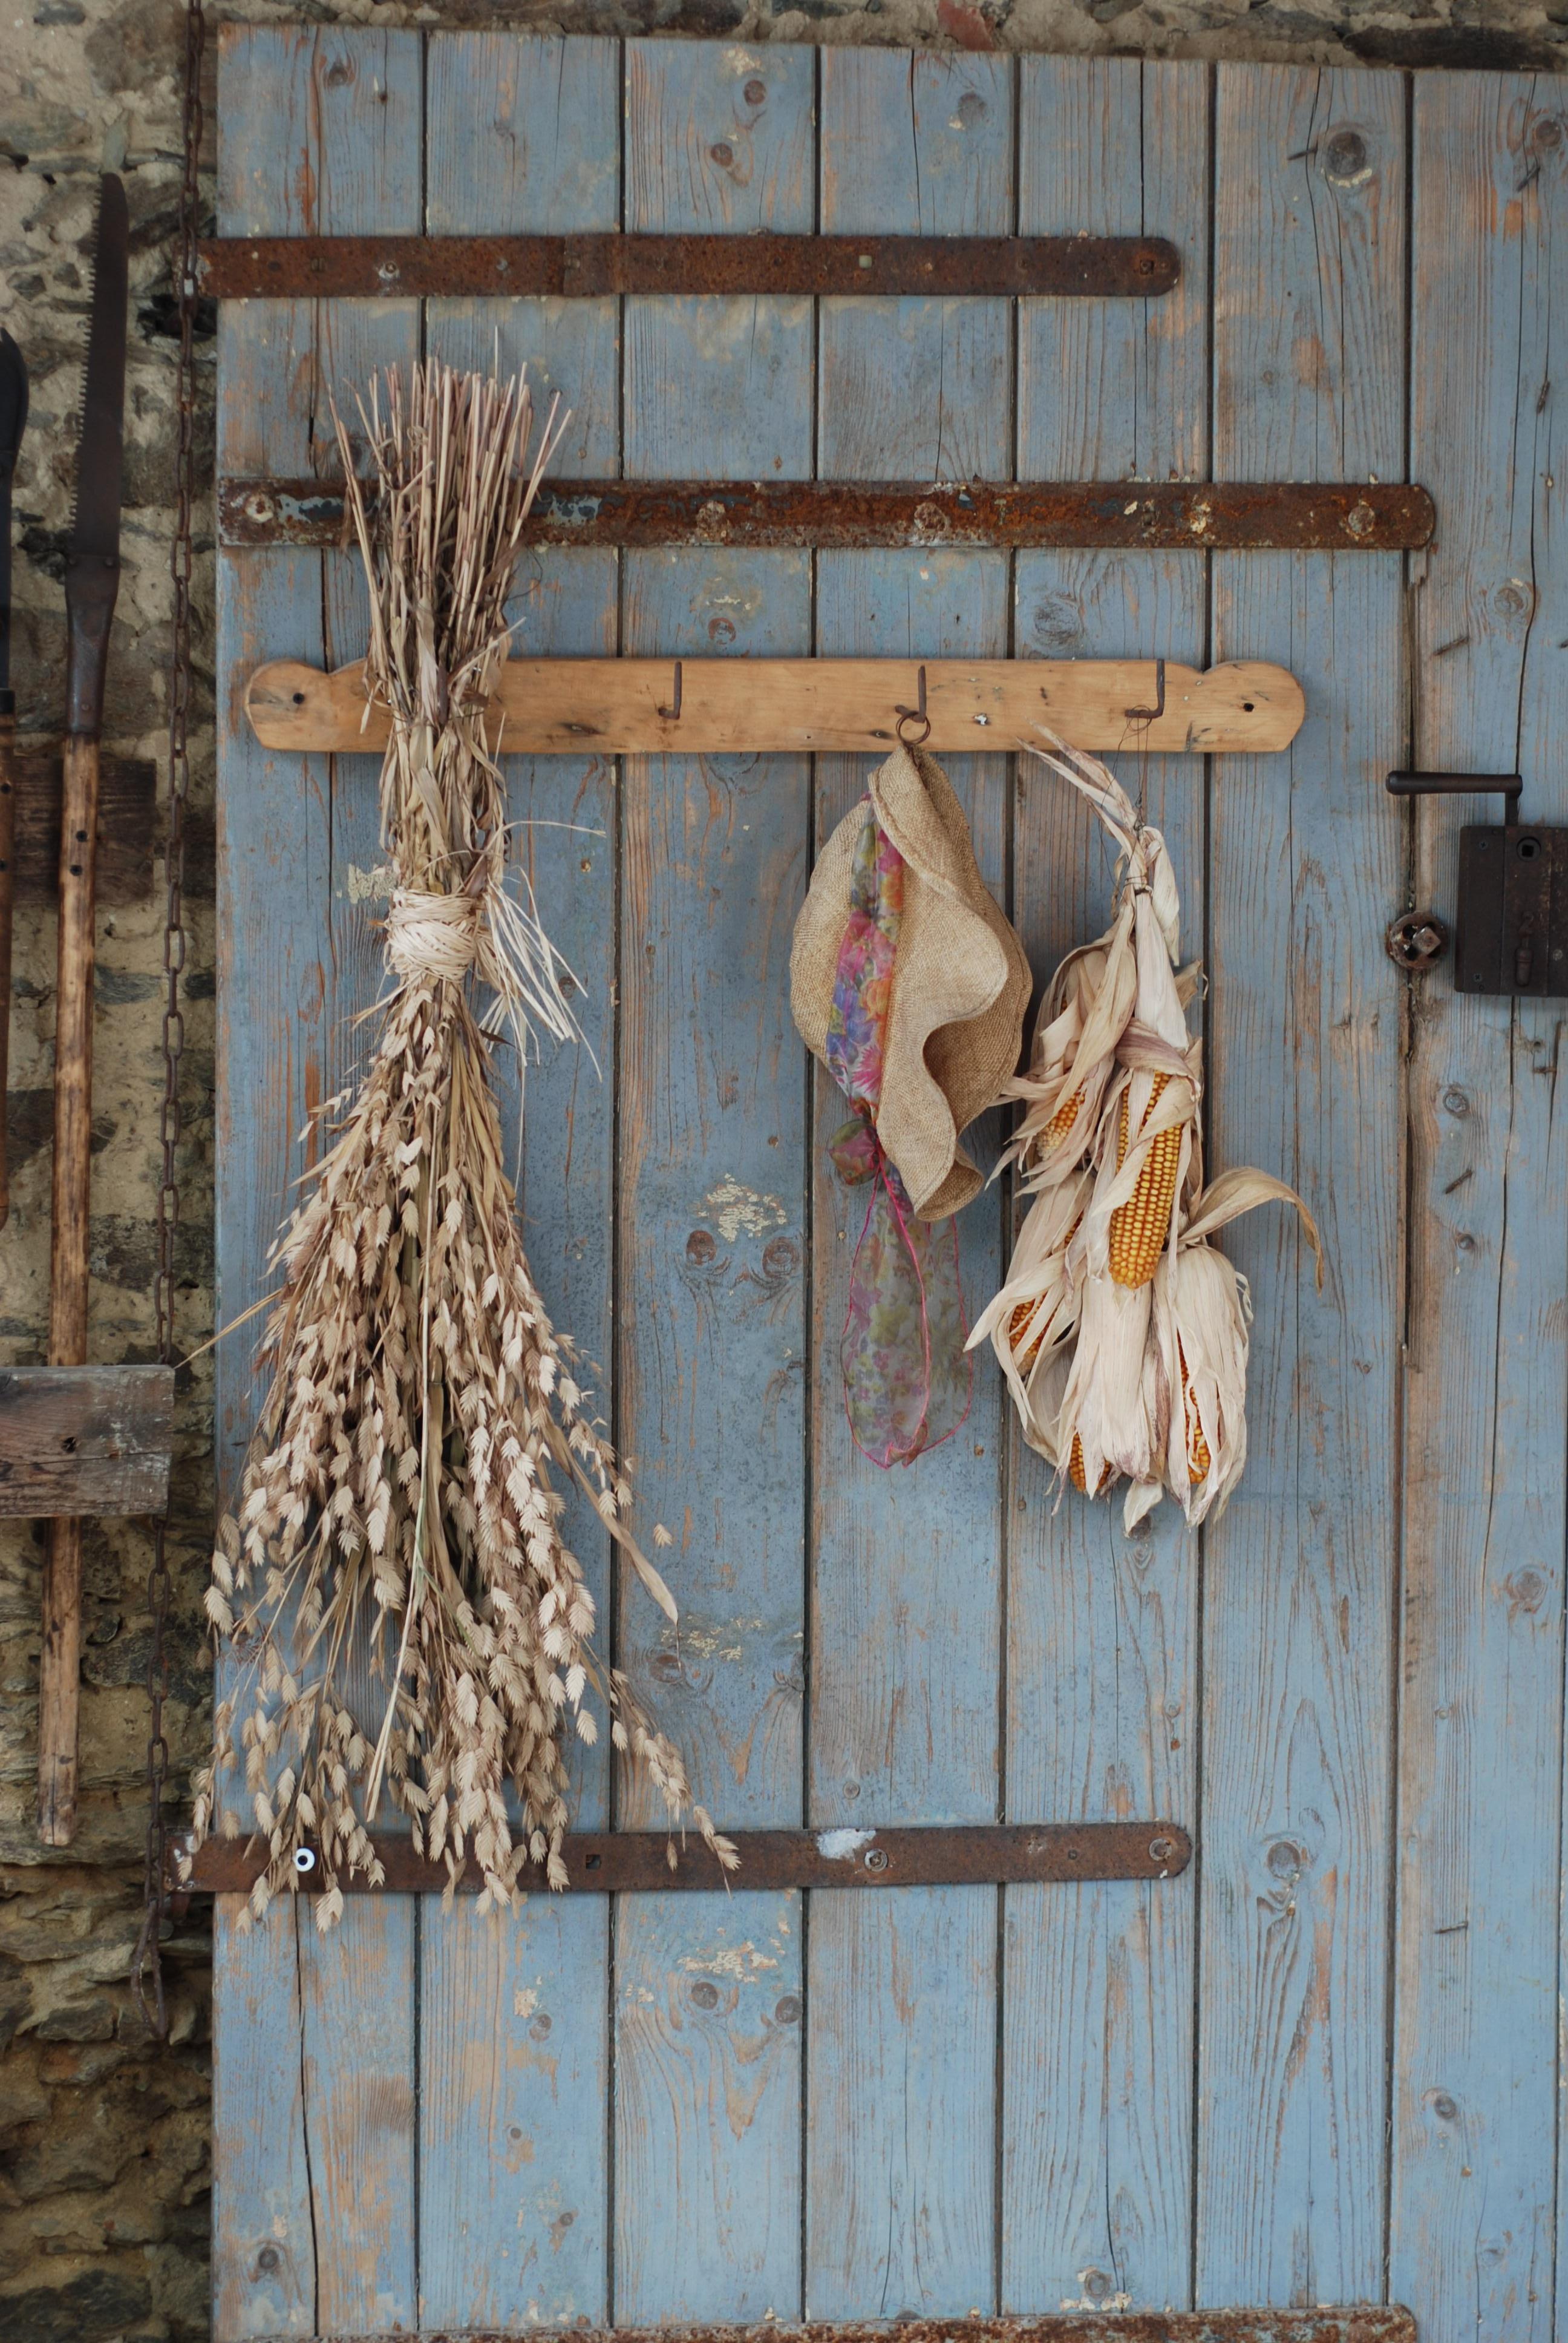 Images Gratuites : bois flotté, ferme, fenêtre, mur, village, blé ...